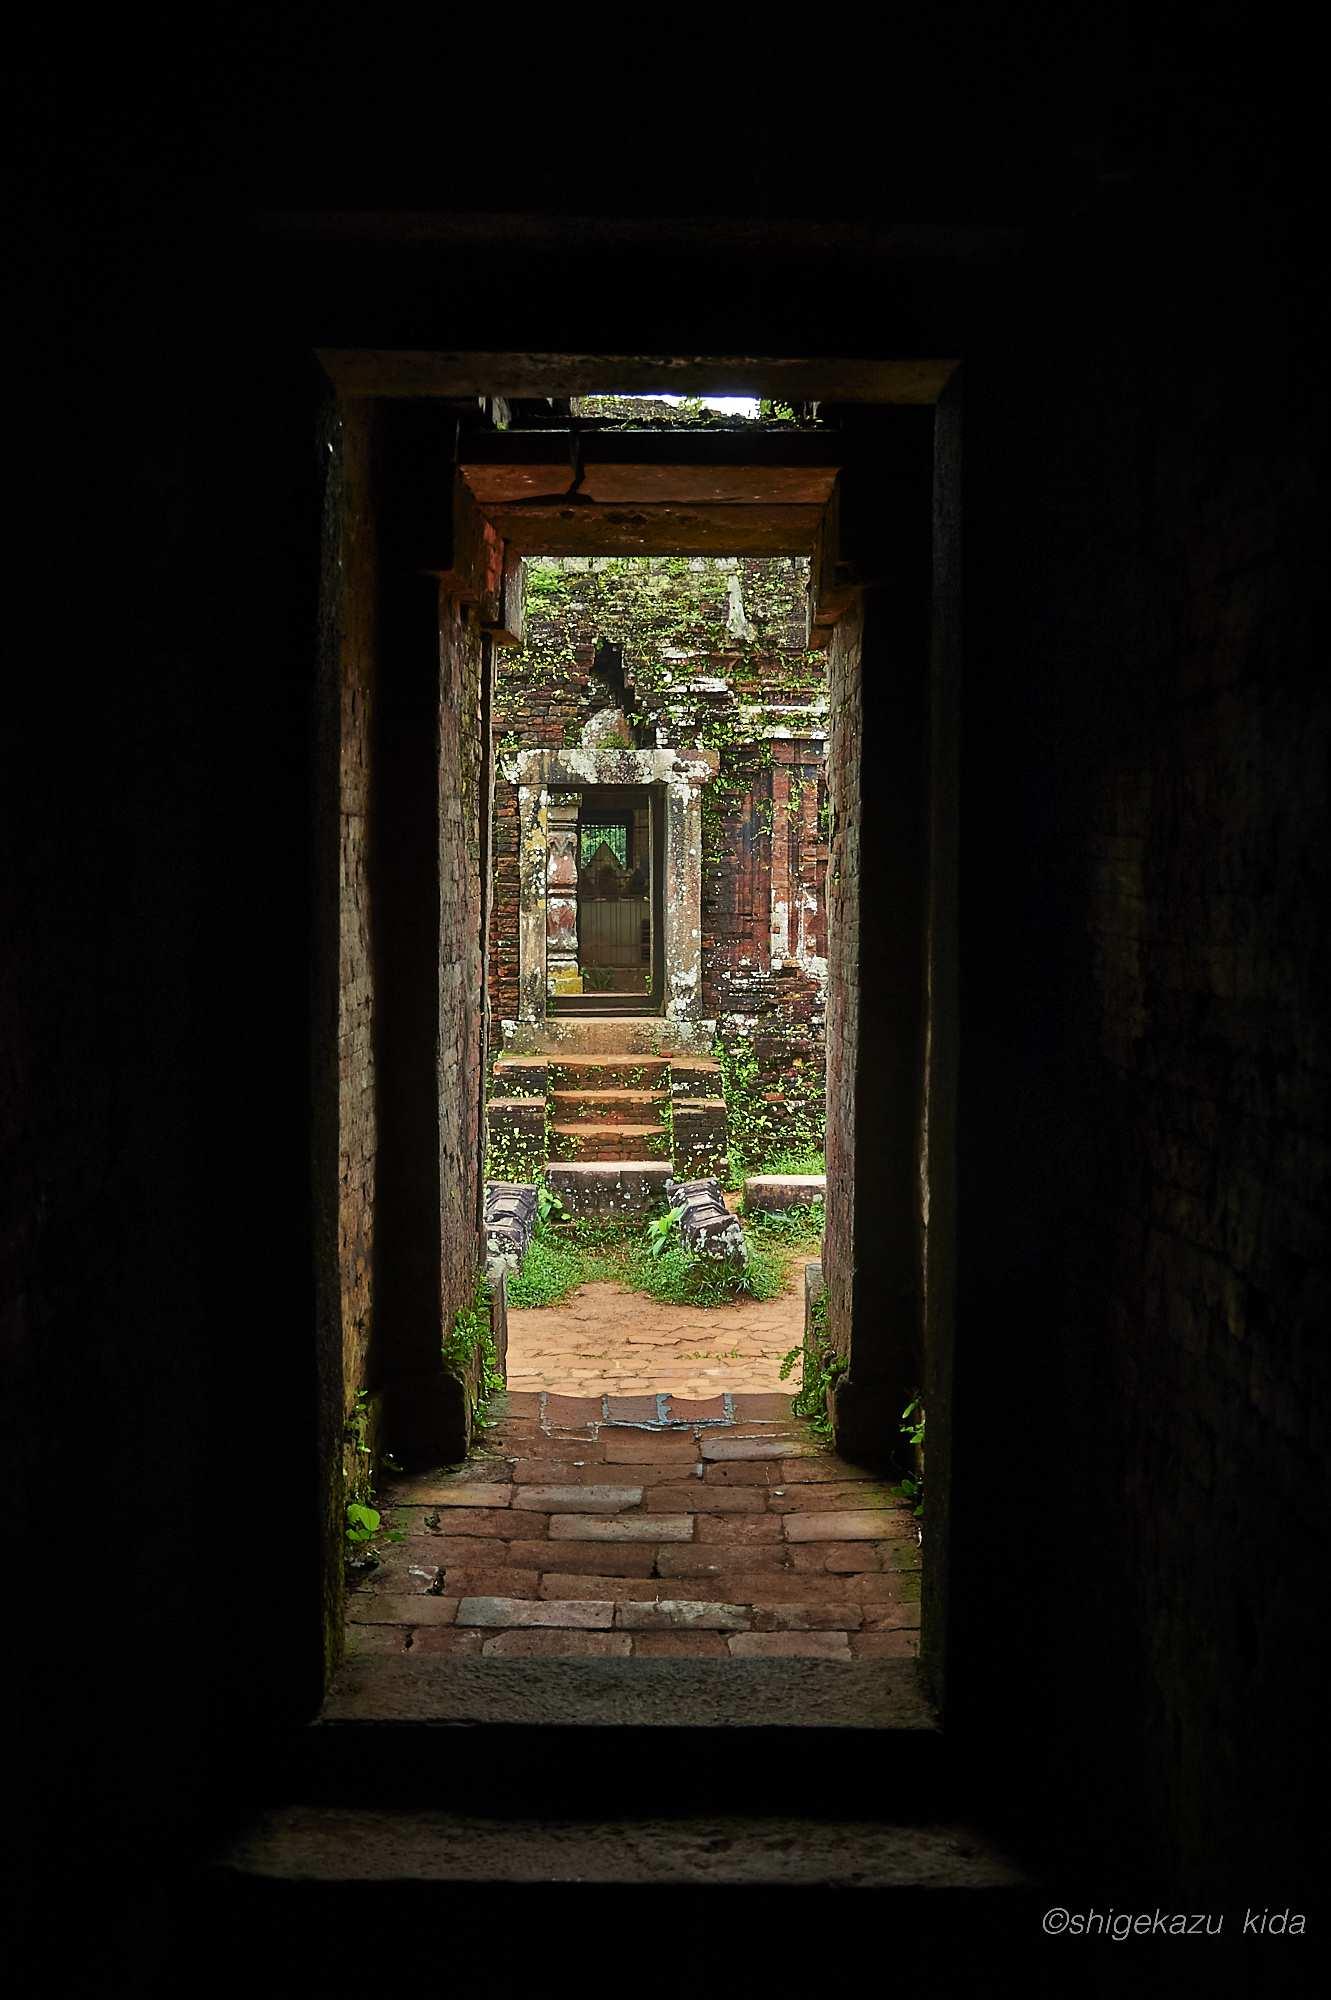 ベトナムMySonSanctuary(ミーソン遺跡)の祠堂内部より外